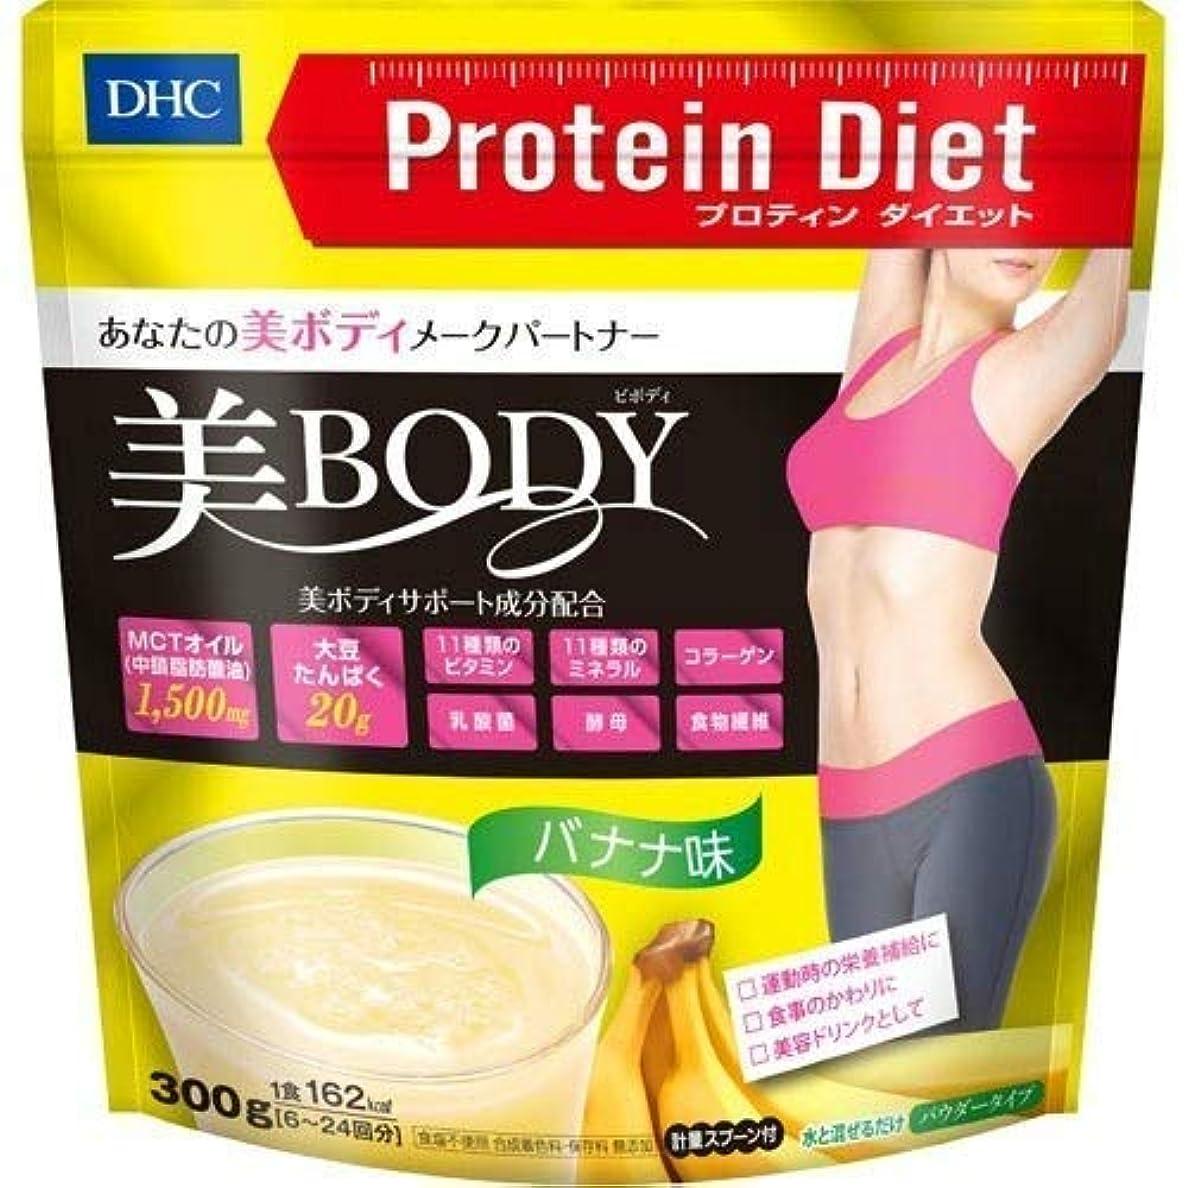 待って好きであるシングルDHC プロテインダイエット 美Body バナナ味 300g×2個